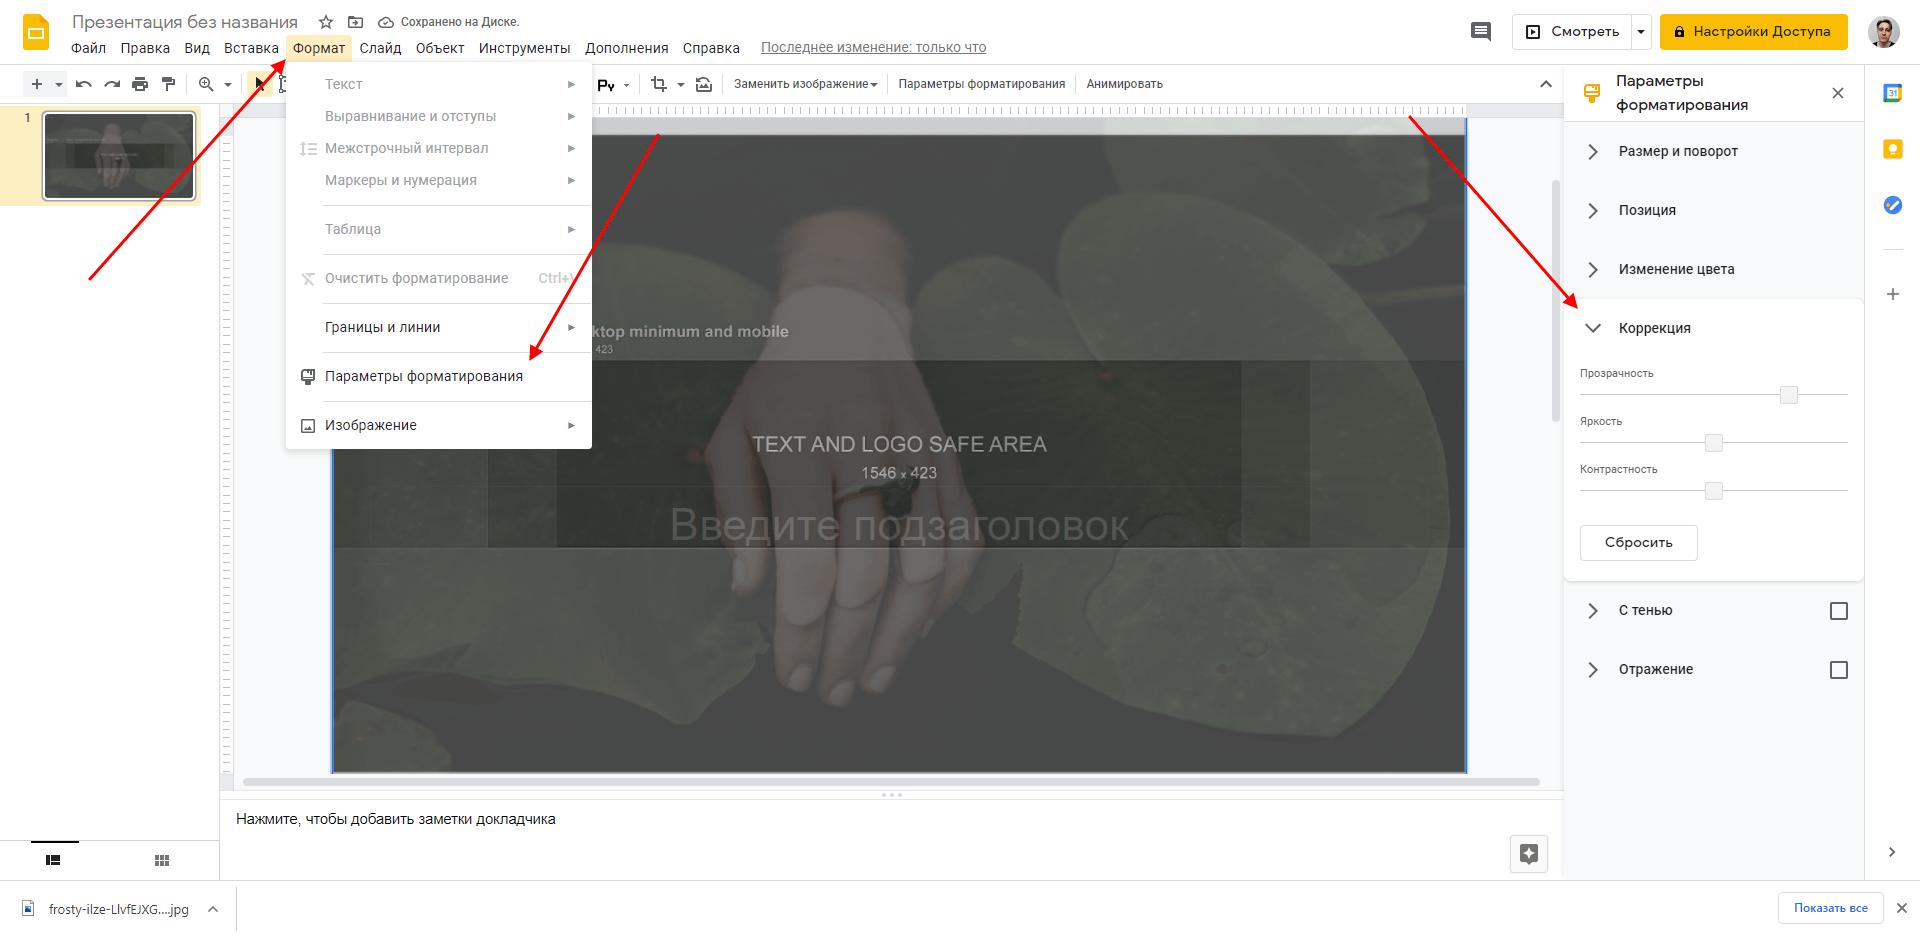 Hoe de transparantie van foto's in Google-presentaties te wijzigen